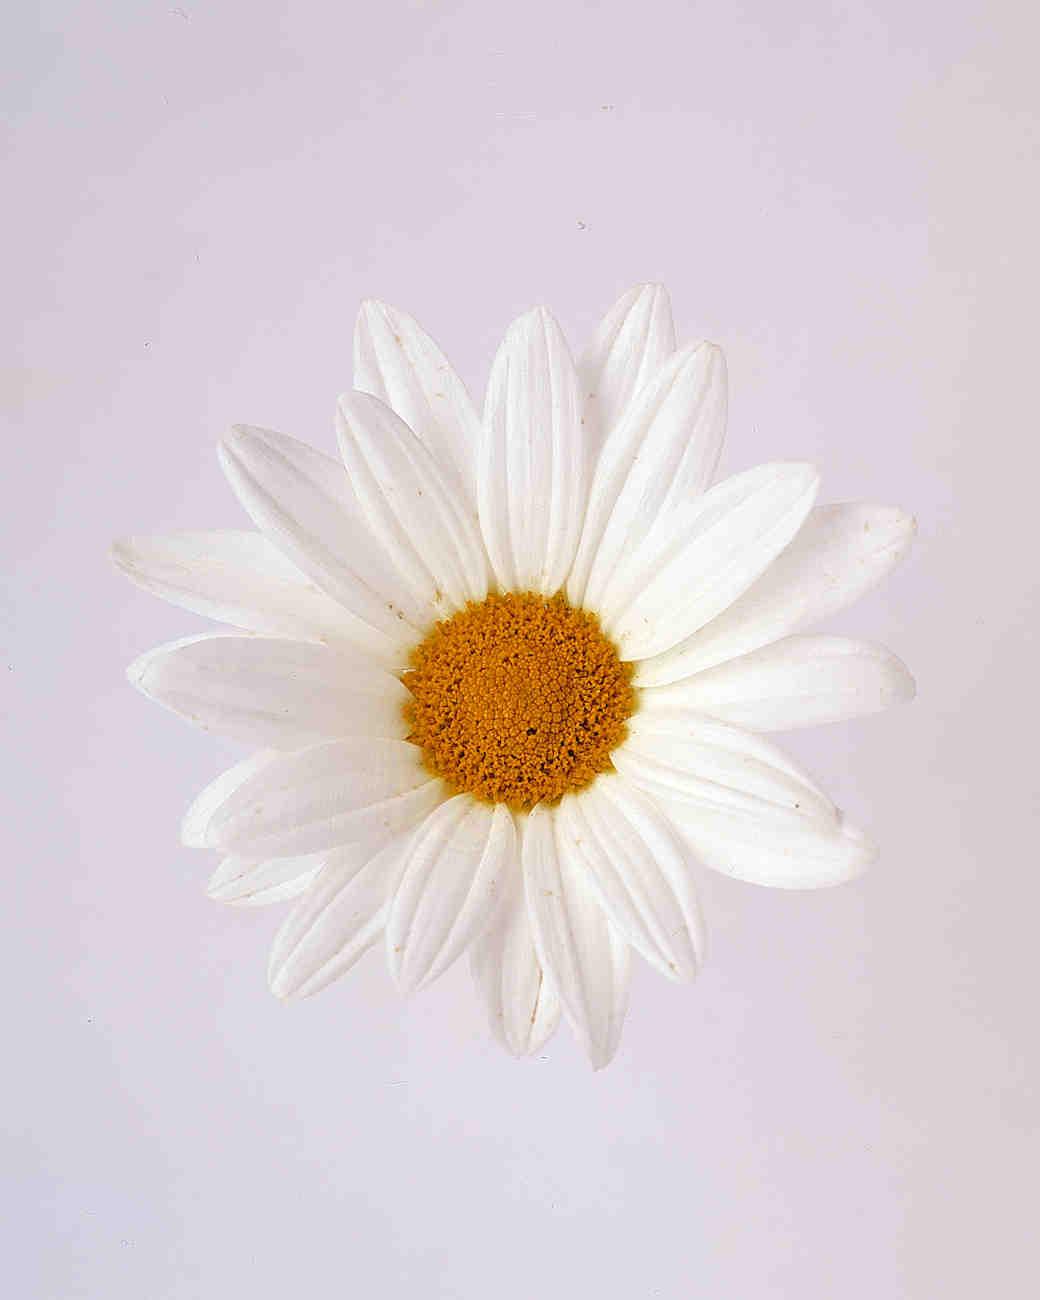 flower-glossary-daisy-marguerite-a98432-0415.jpg